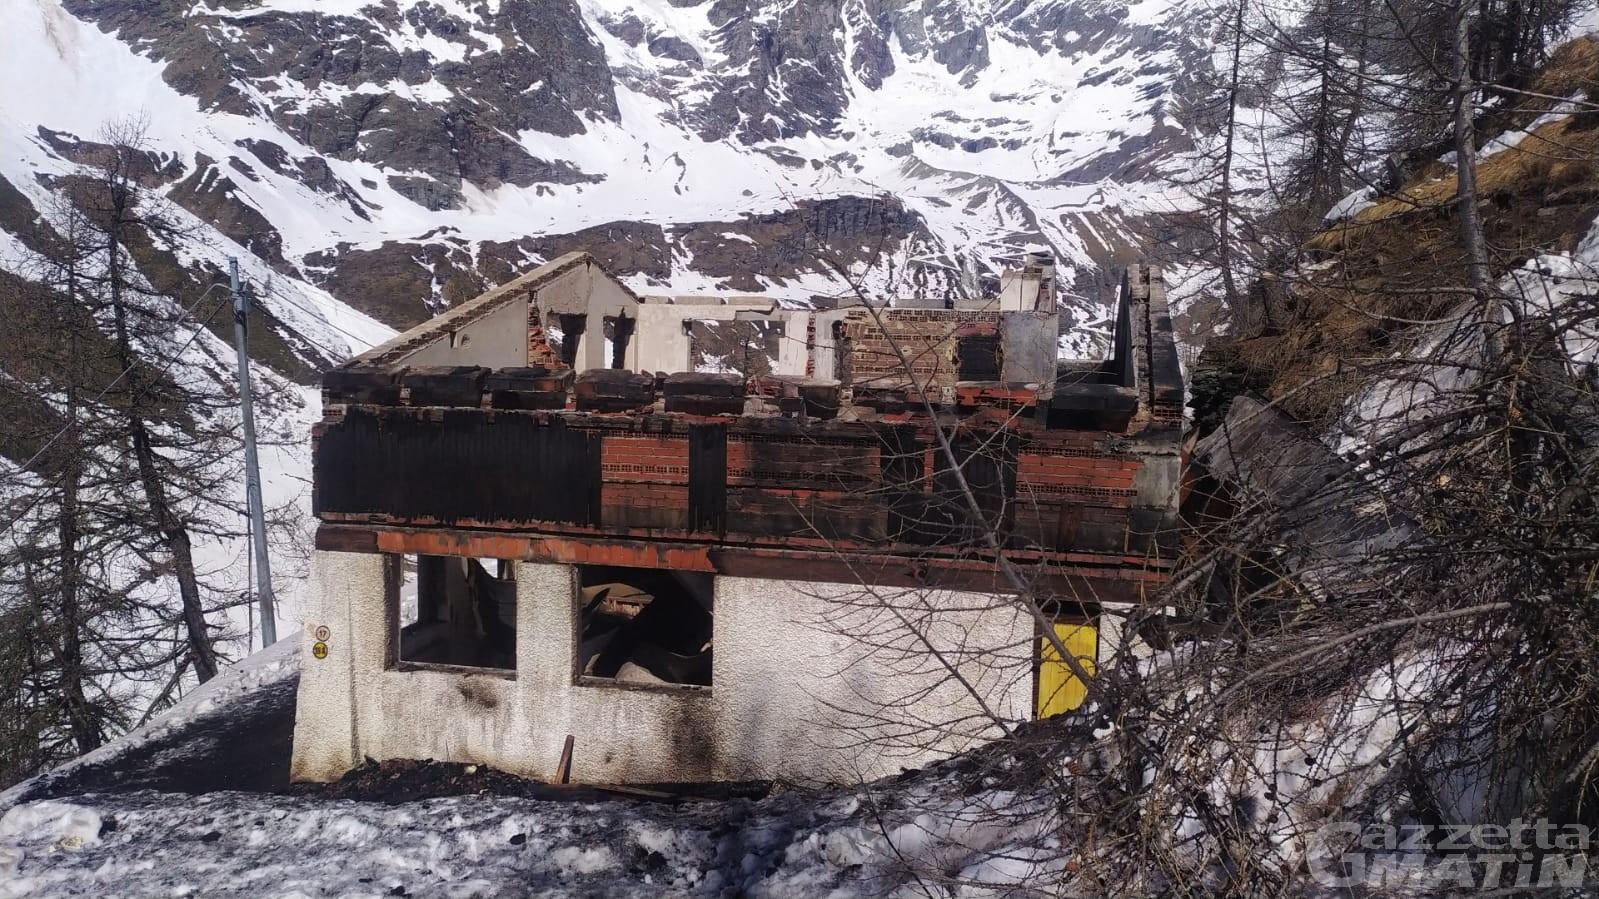 Incendio: in fumo la 'Casa del bob' a Cervinia ormai abbandonata